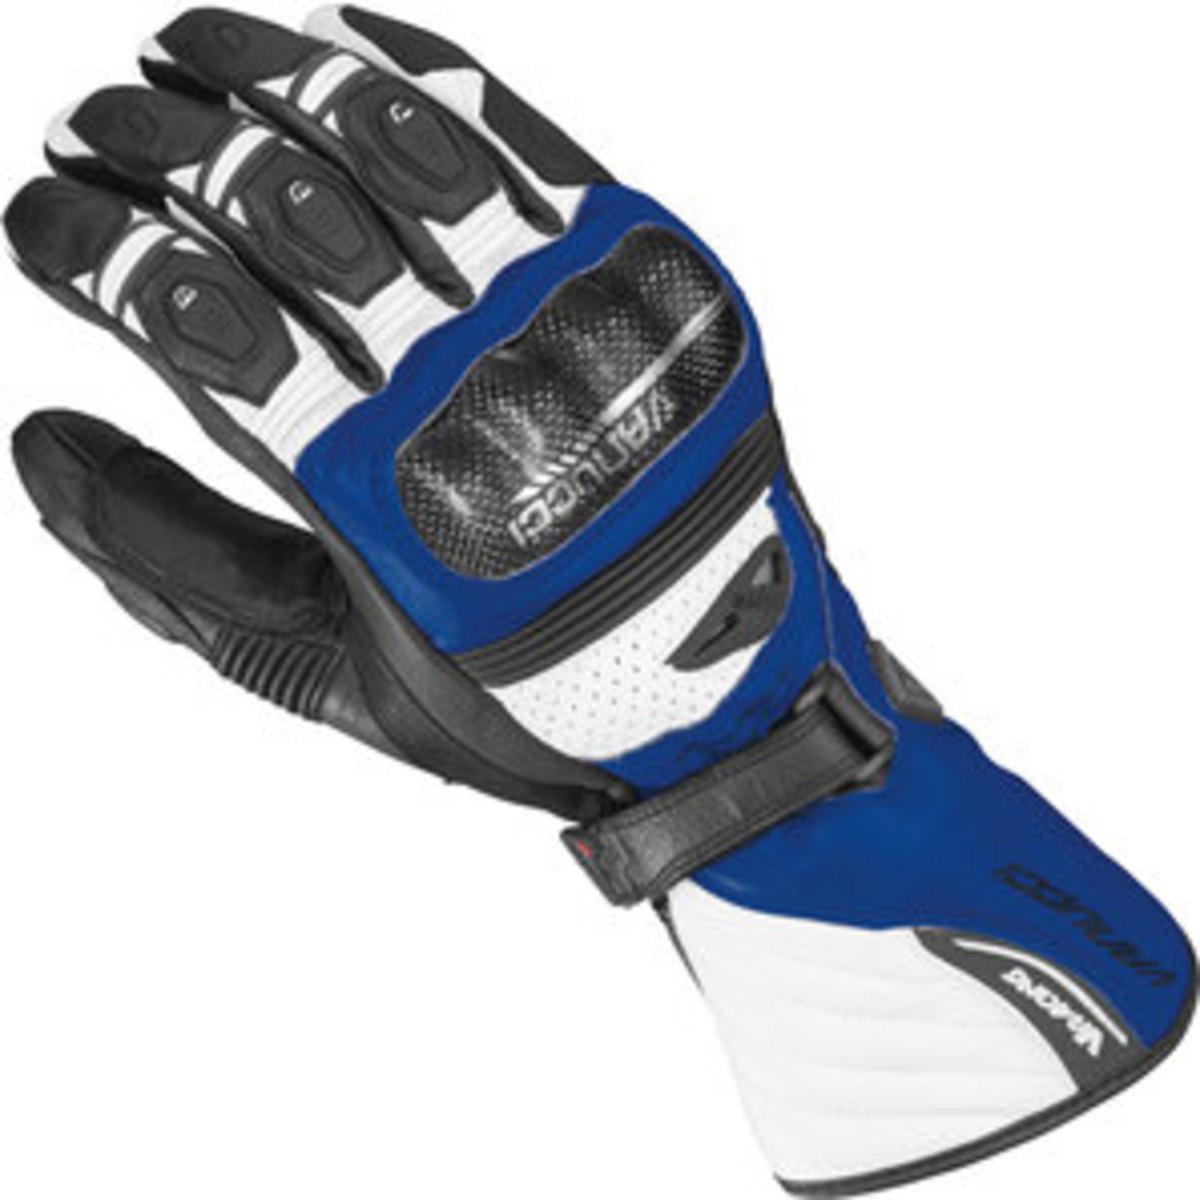 Bild 3 von Vanucci Competizione II Handschuhe